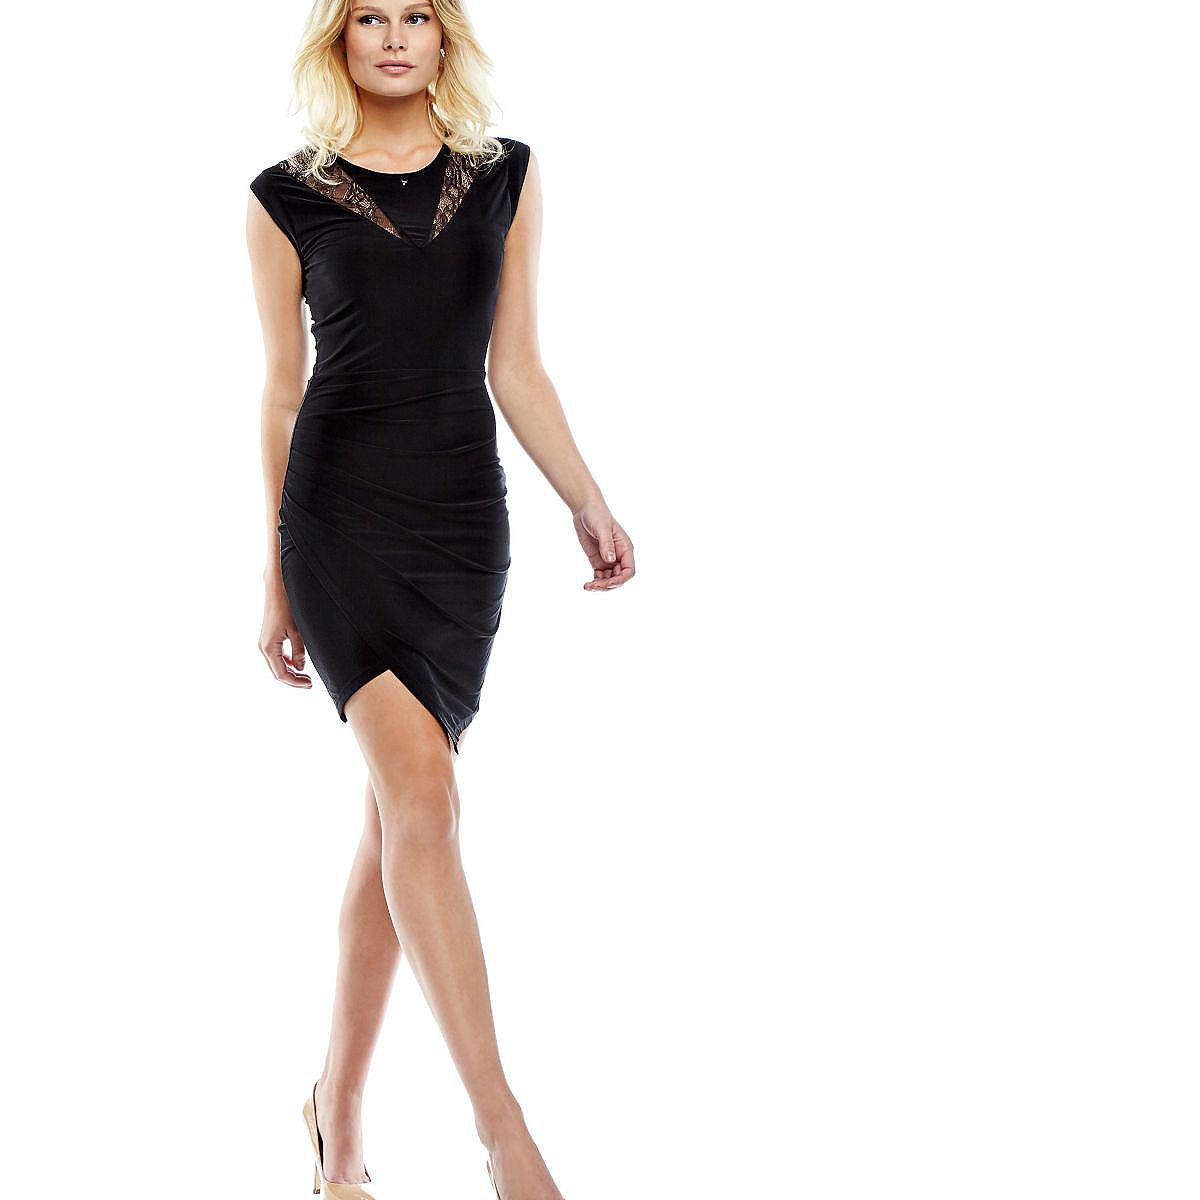 Guess jurk met aanrimpeling opzij zwart